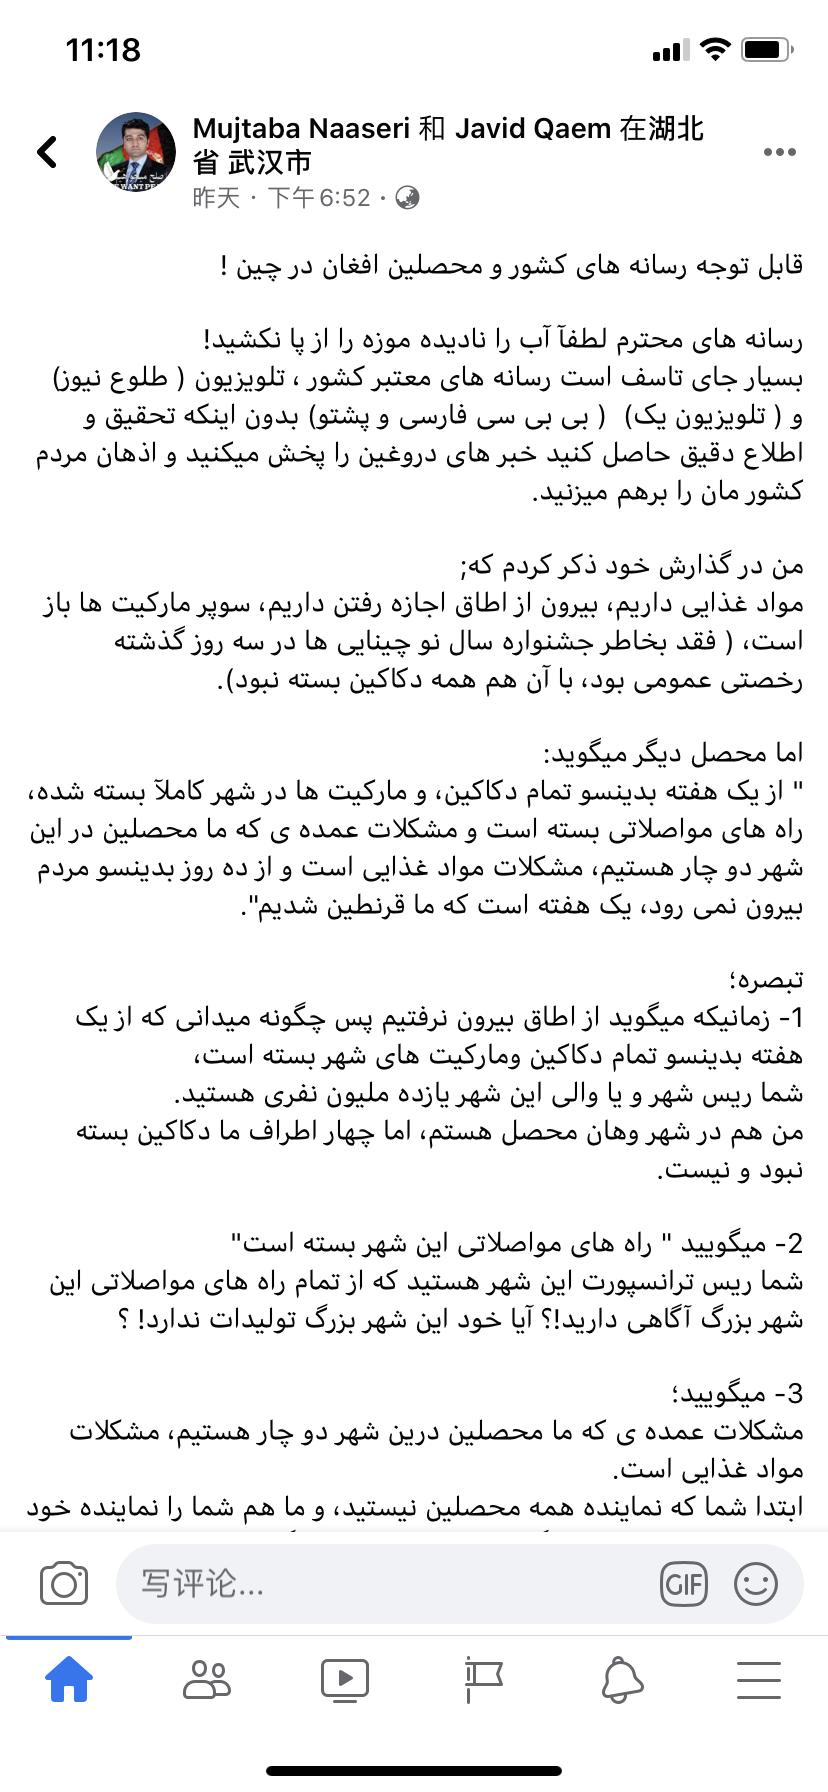 阿富汗留学生的心声:在武汉生活井然有序 一些媒体报道请尊重事实